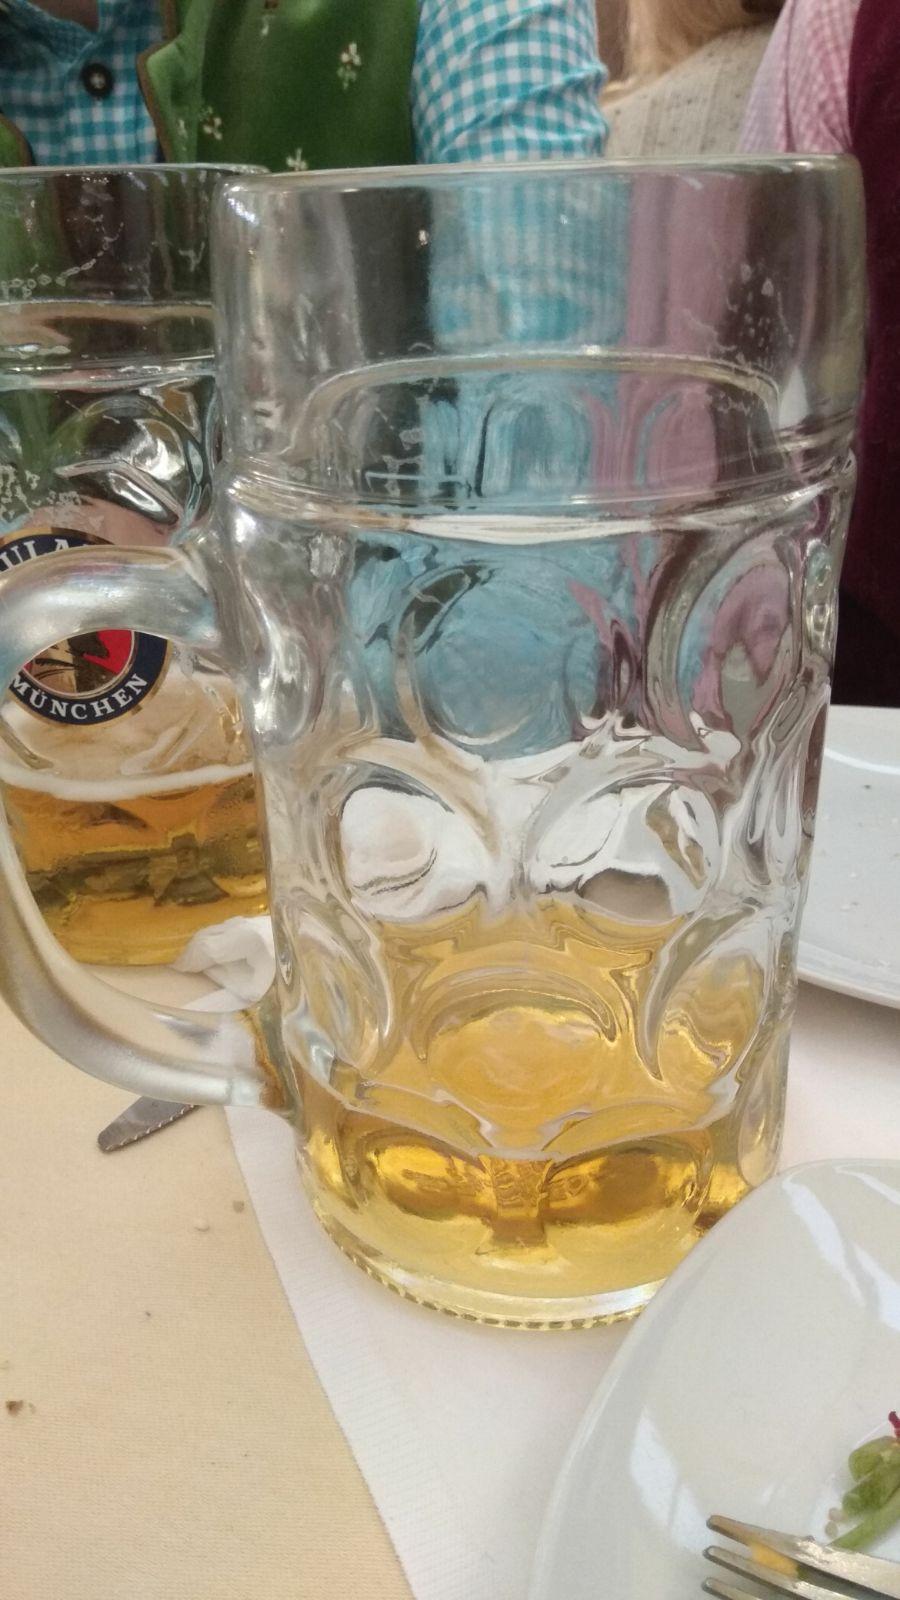 כוס ליטר בירה - אין בפחות מזה